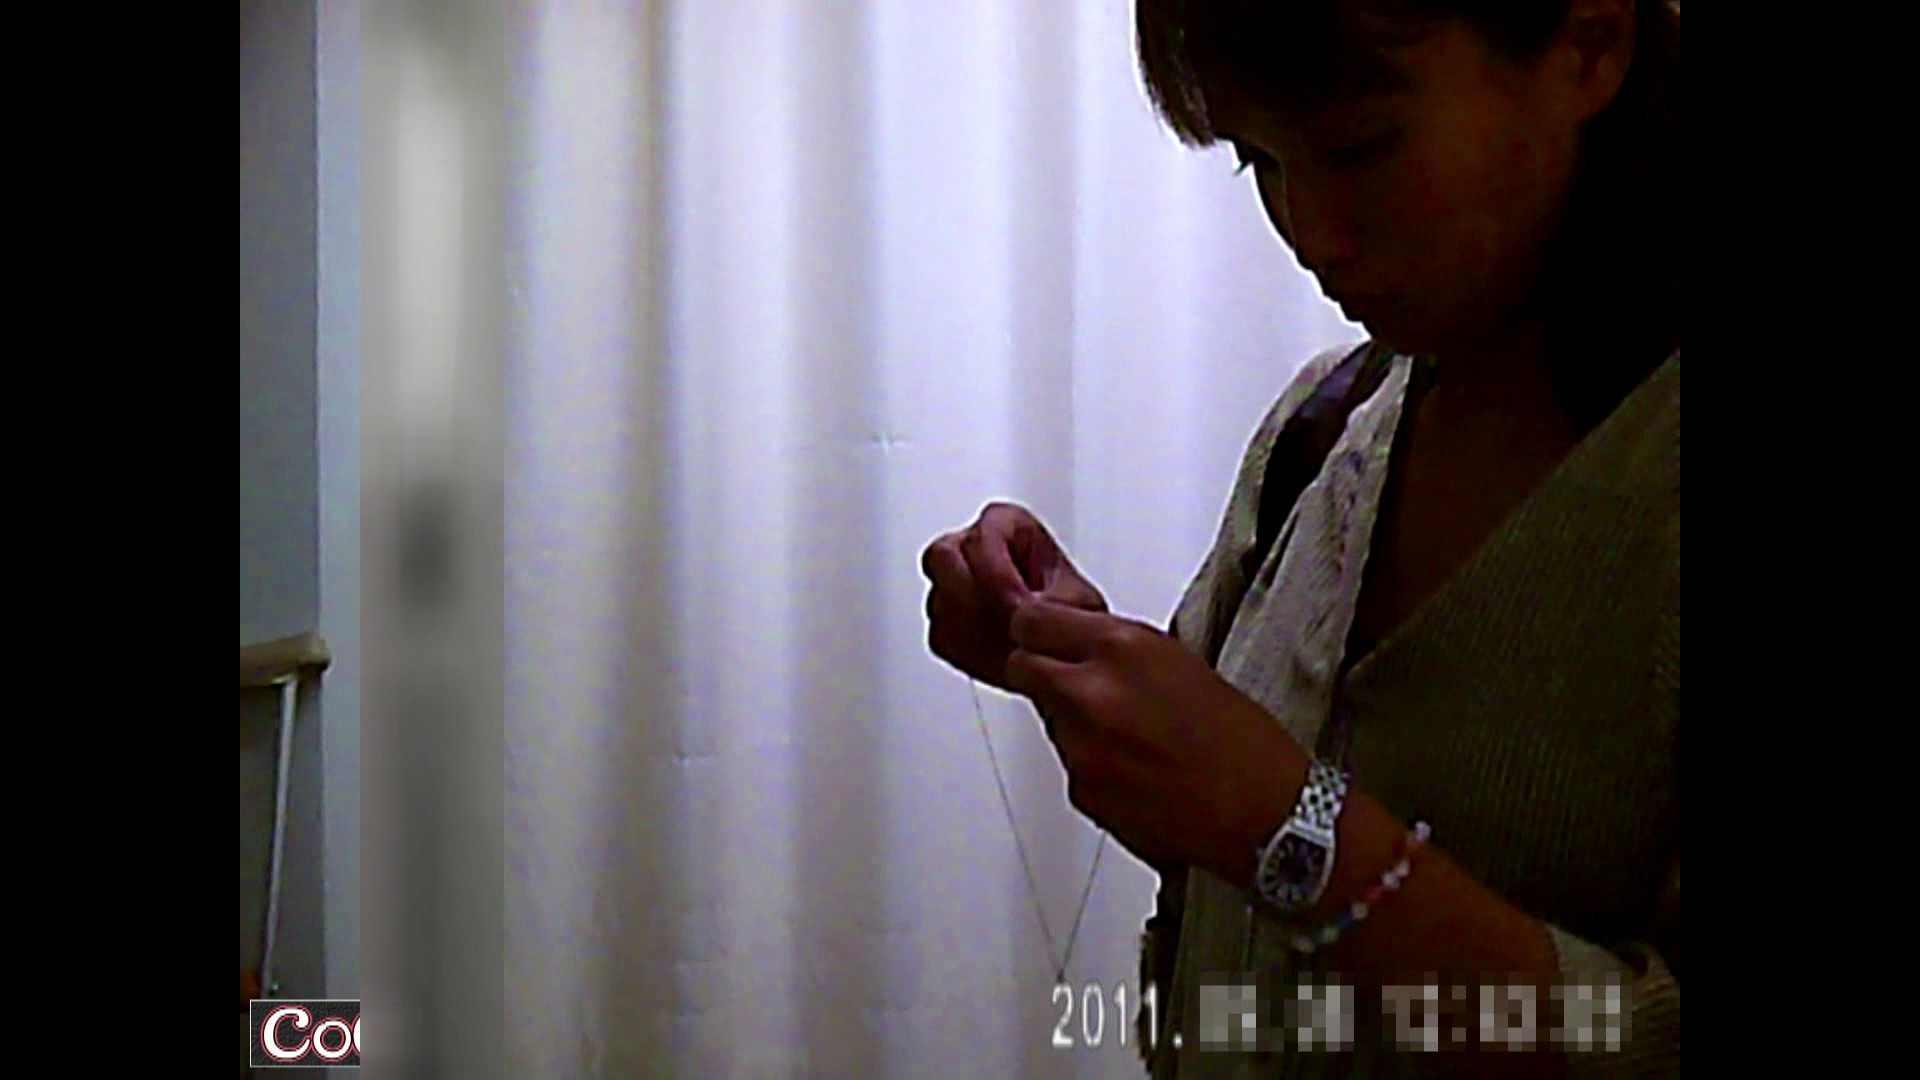 病院おもいっきり着替え! vol.22 おっぱい特集 おまんこ無修正動画無料 99pic 46